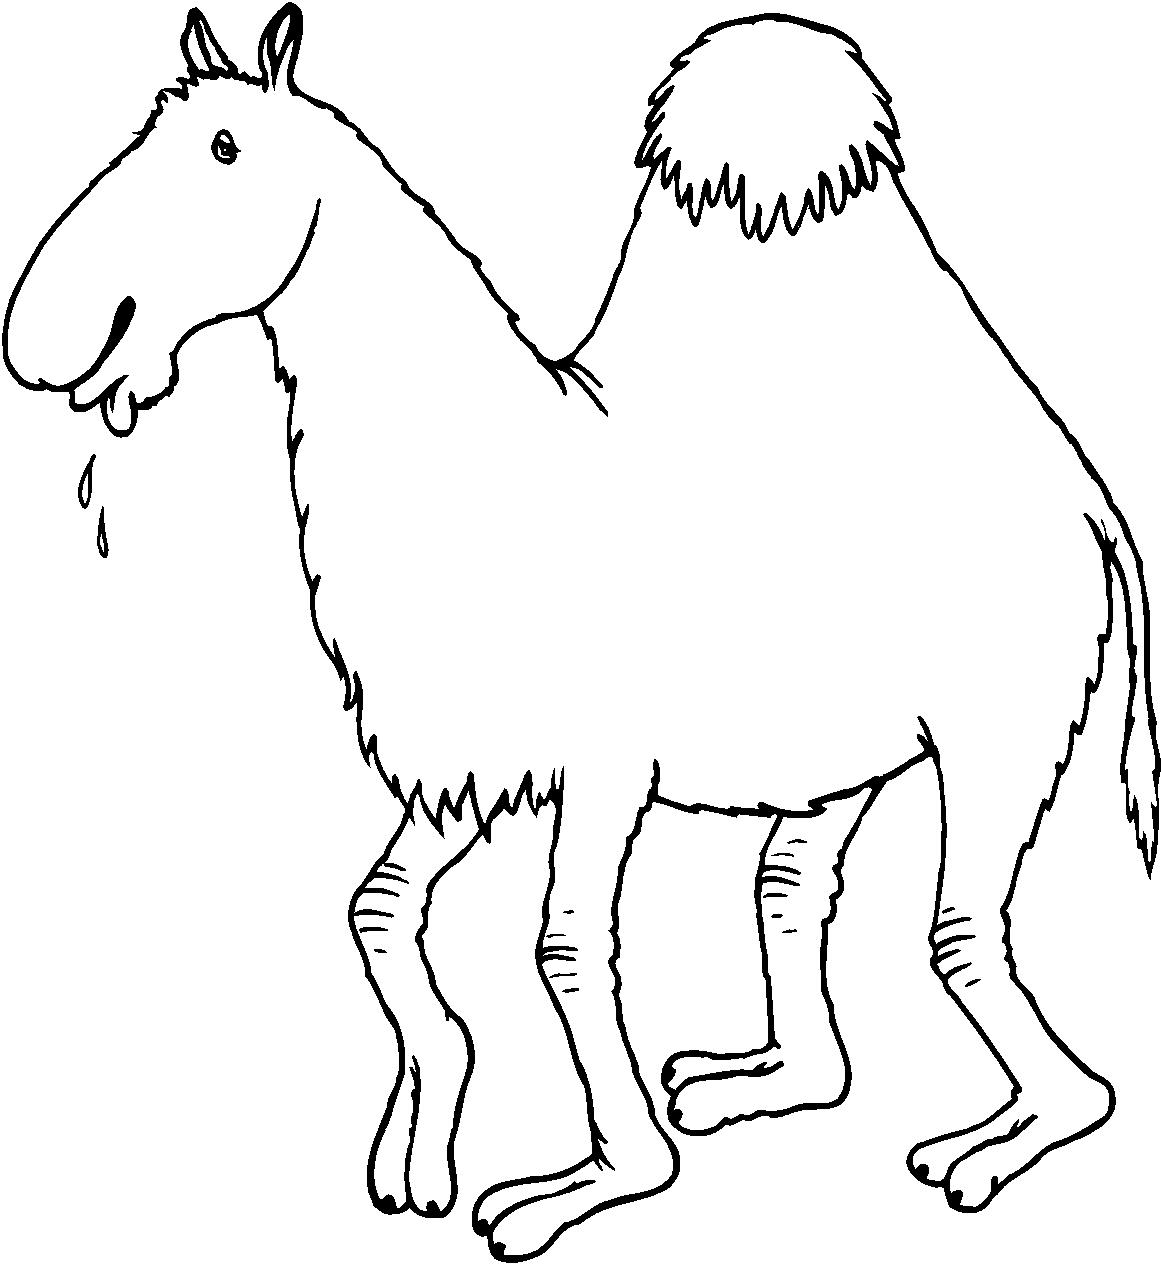 Disegni animali da stampare e colorare imagixs picture to - Animali immagini da colorare pagine da colorare ...